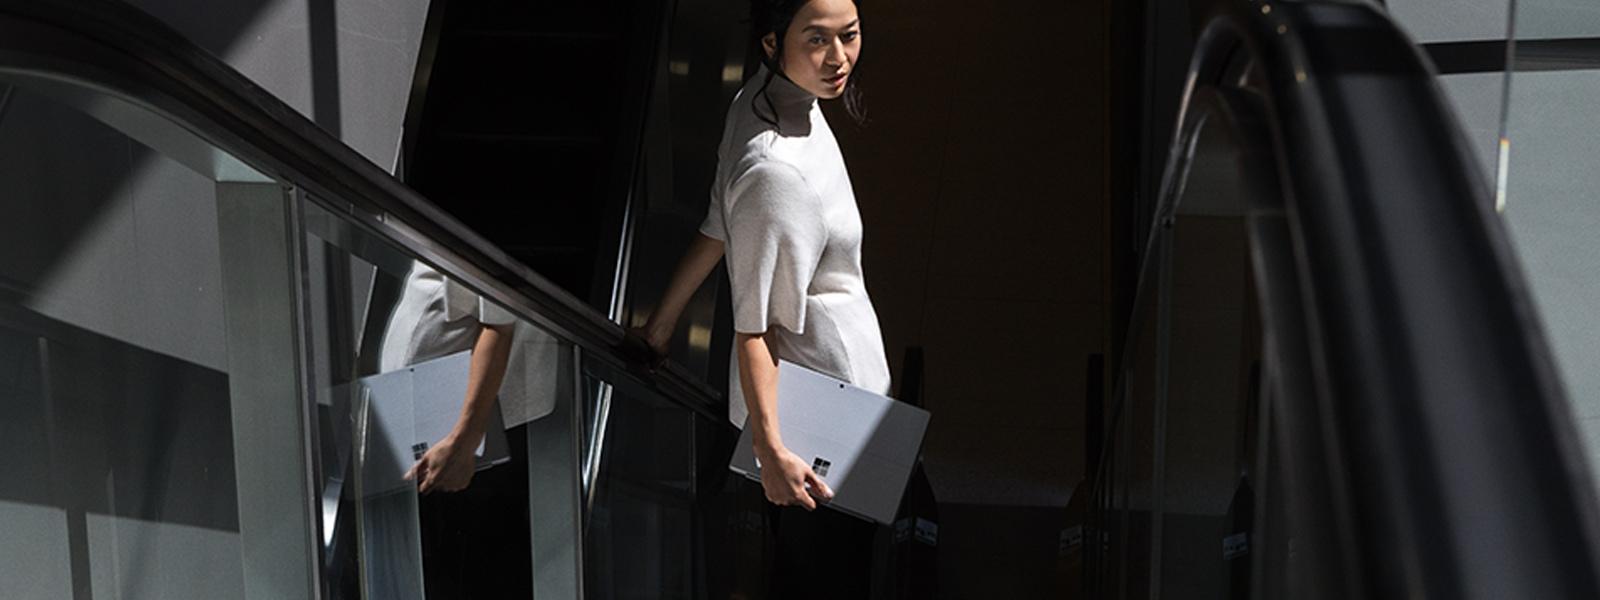 Nainen laskeutuu liukuportaita Surface Pro kädessään.